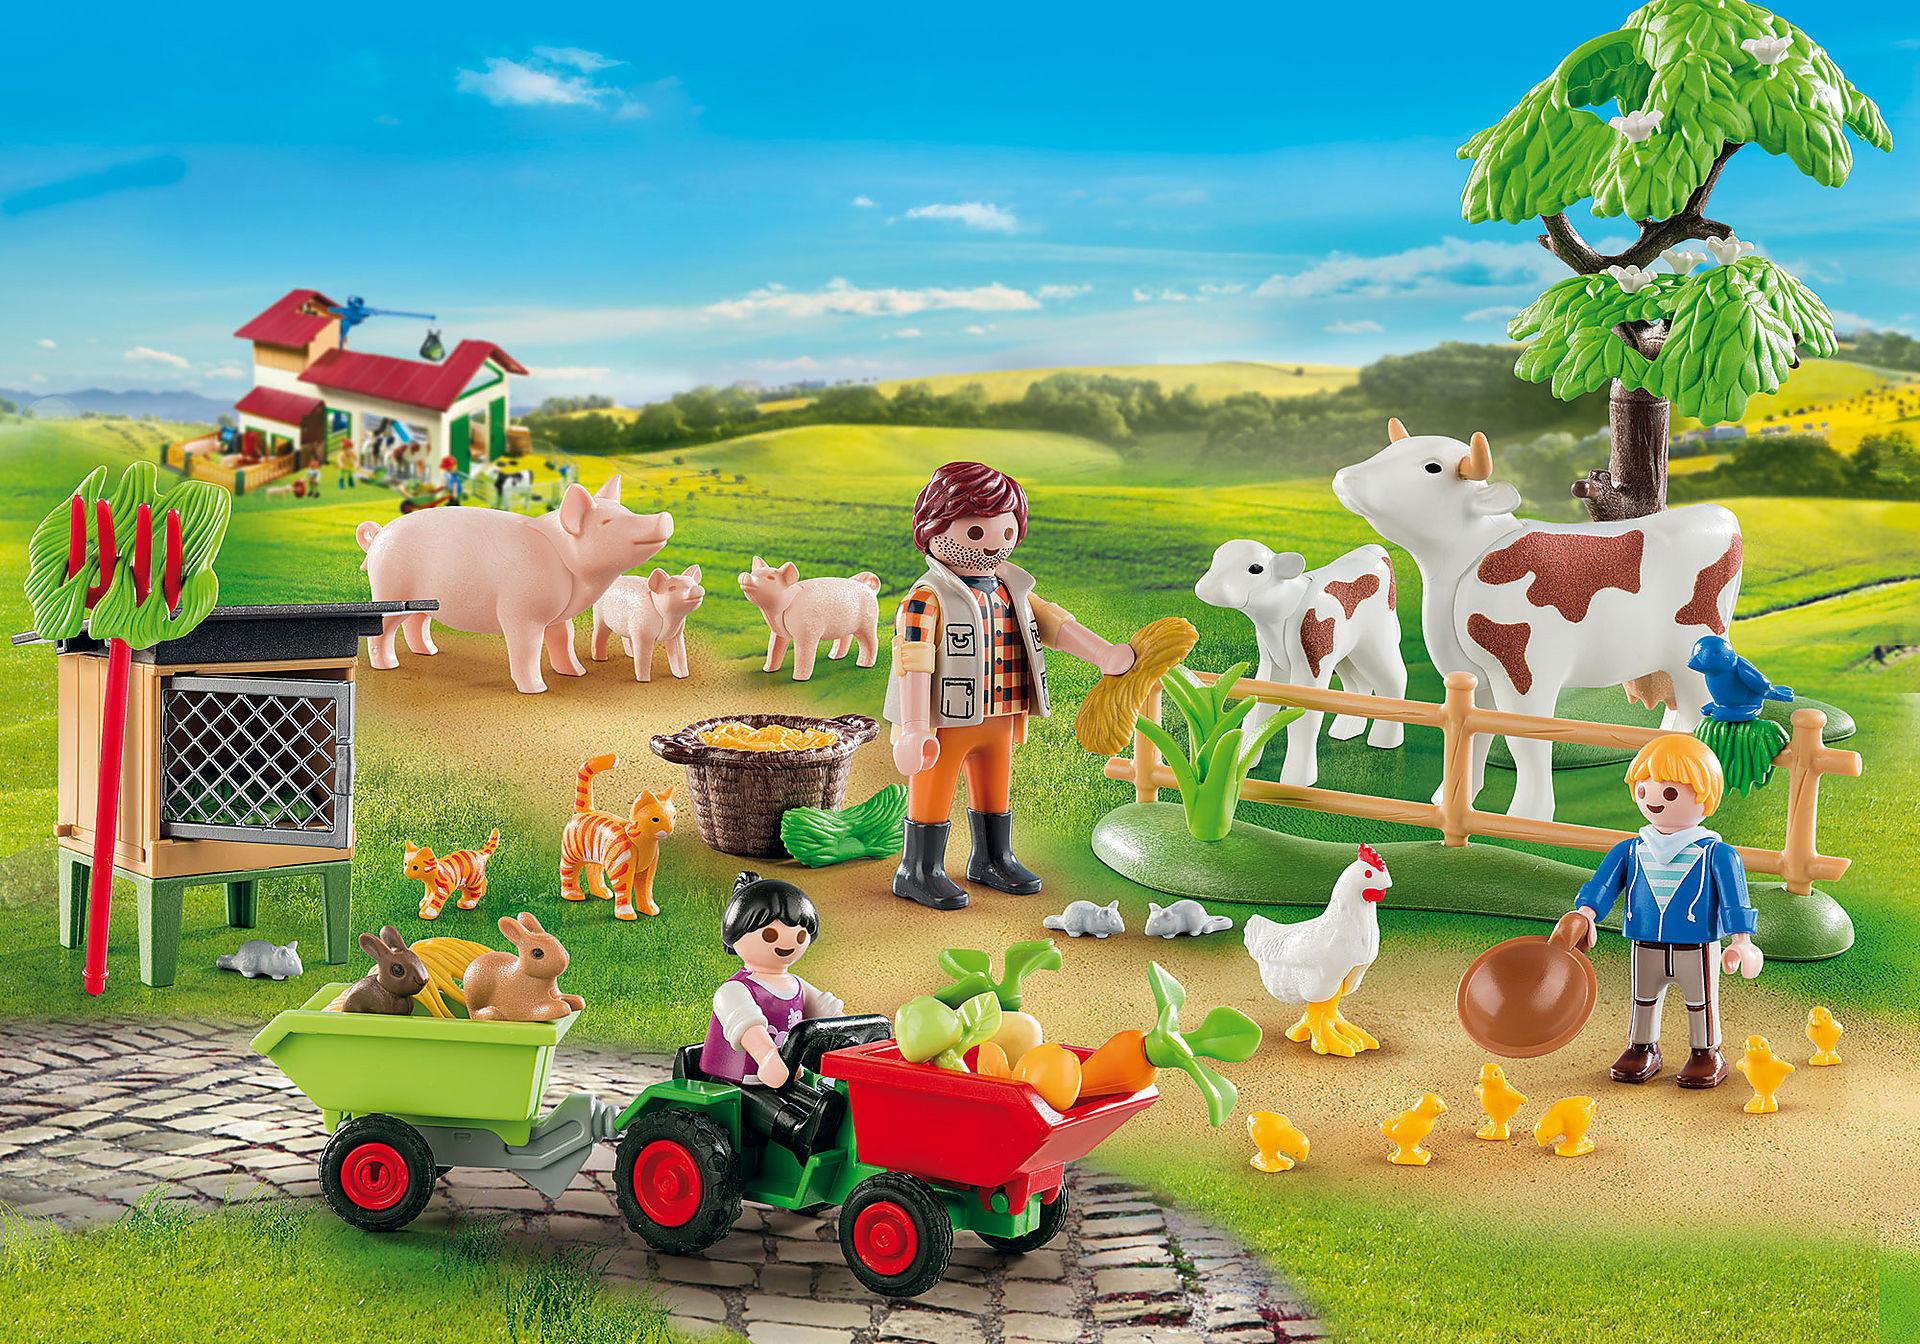 http://media.playmobil.com/i/playmobil/70189_product_extra1/Advent Calendar - Farm